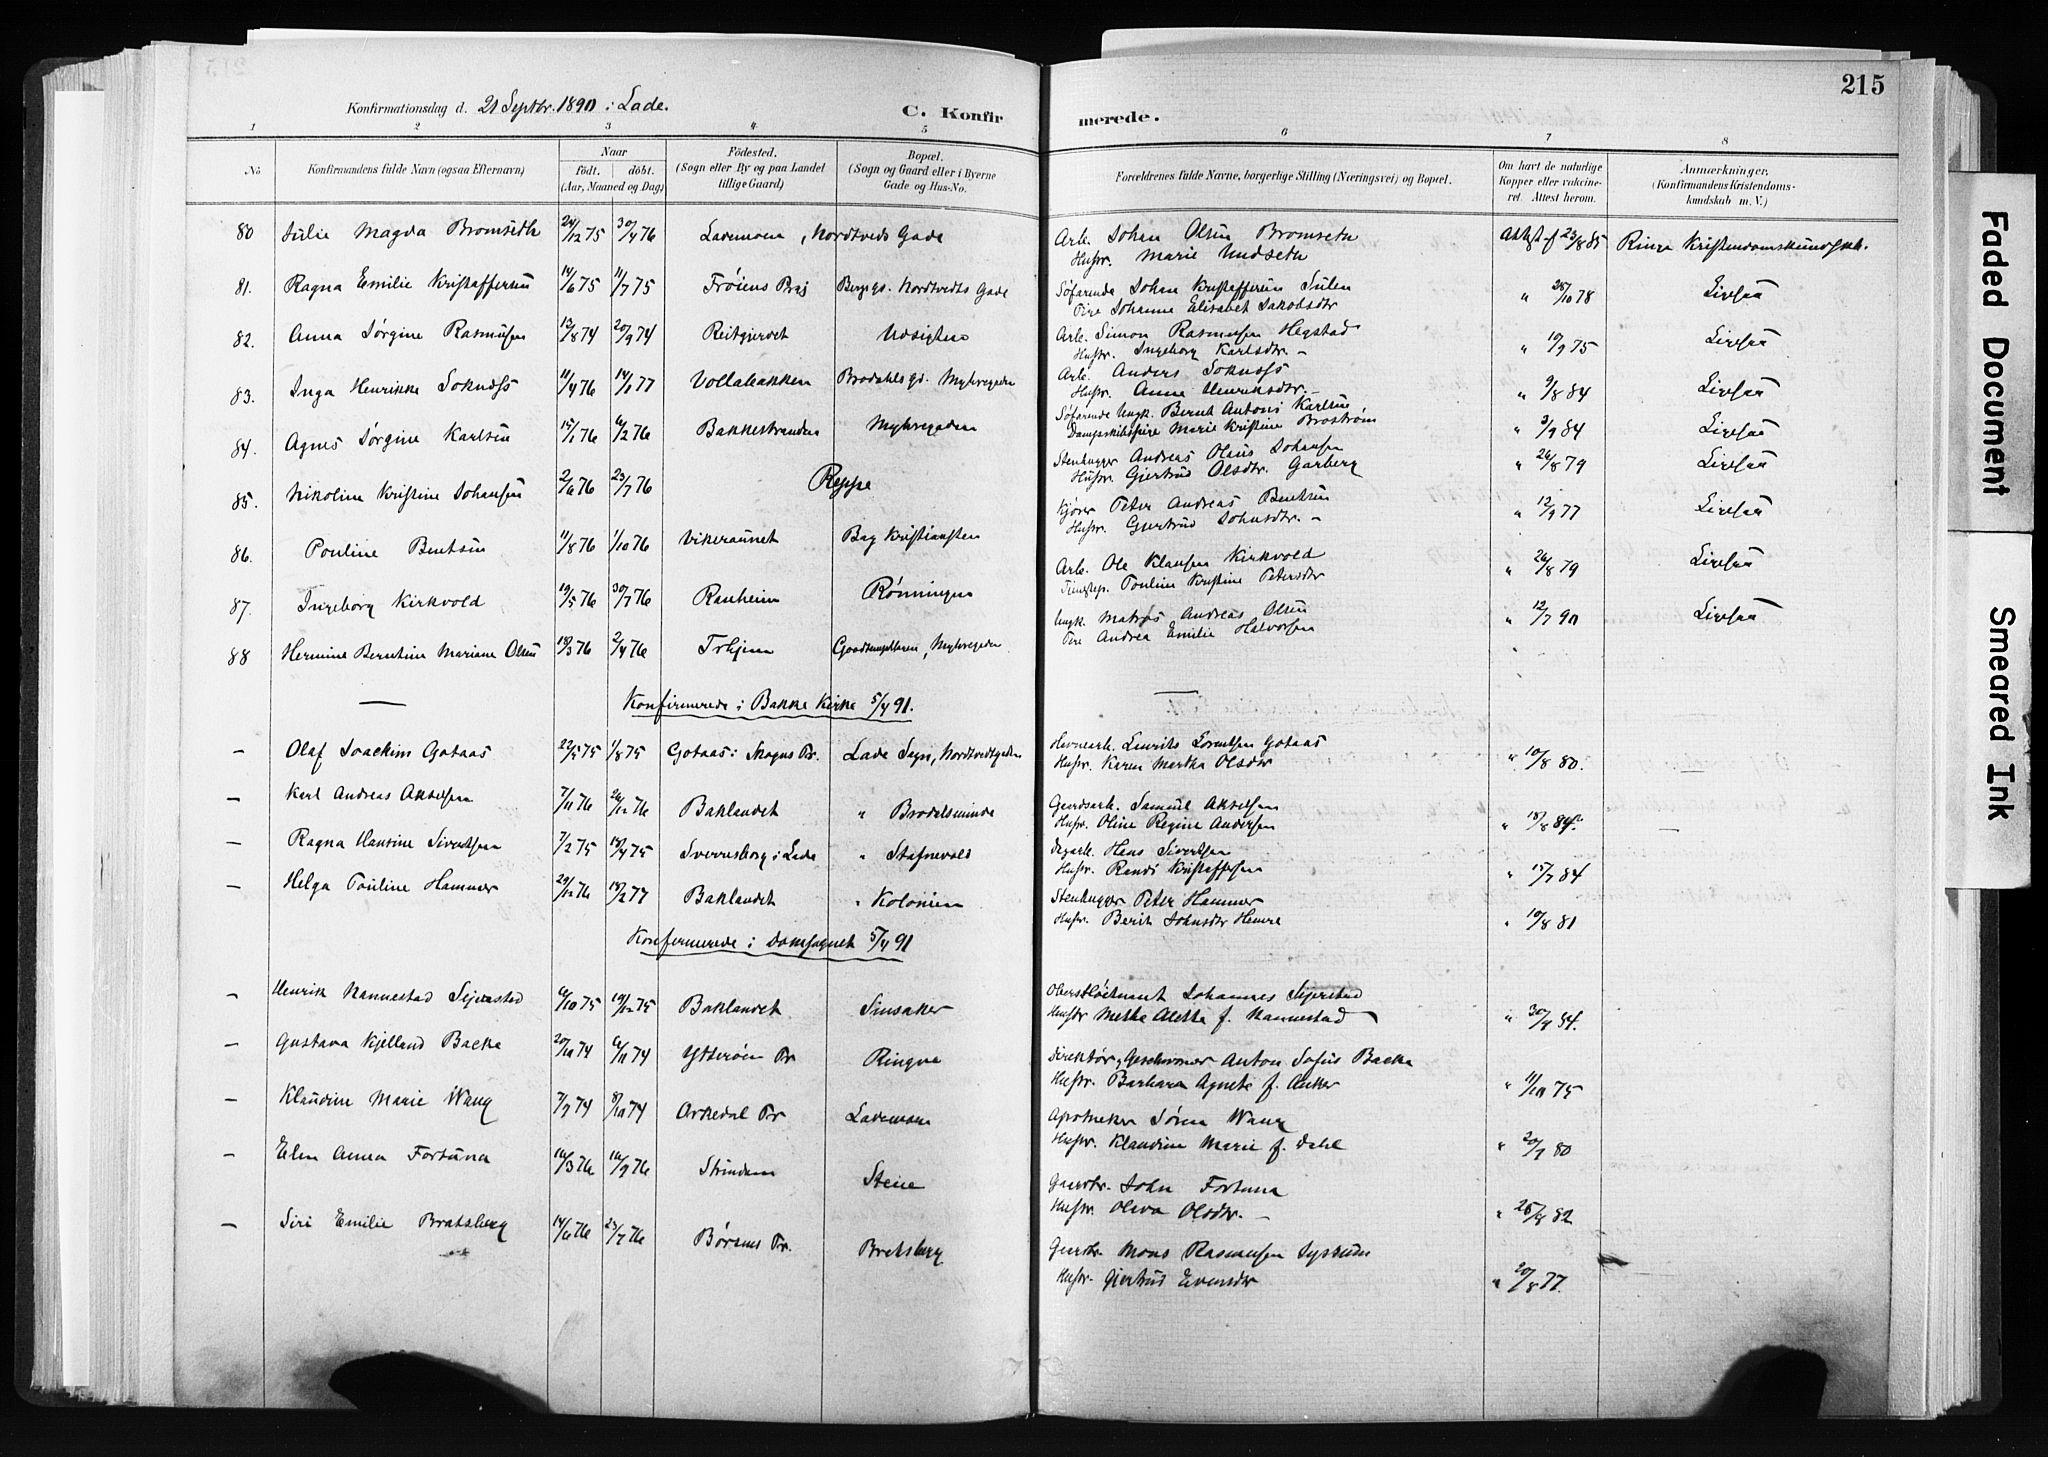 SAT, Ministerialprotokoller, klokkerbøker og fødselsregistre - Sør-Trøndelag, 606/L0300: Ministerialbok nr. 606A15, 1886-1893, s. 215